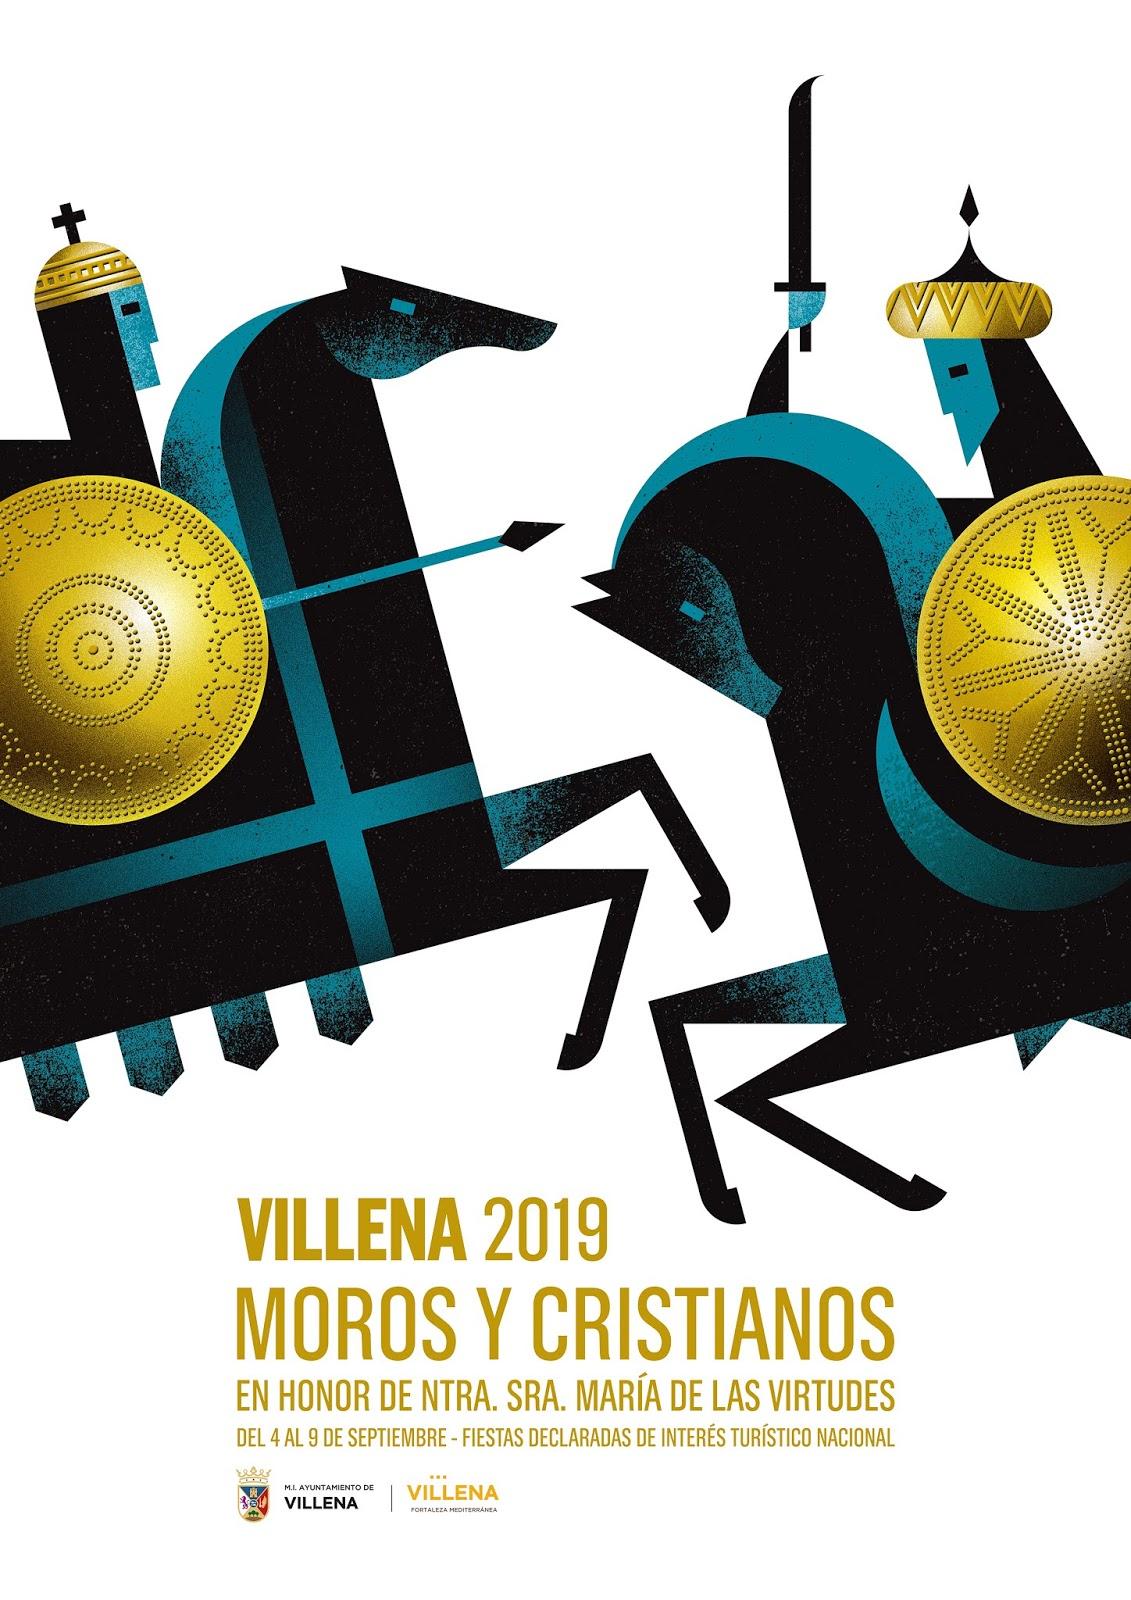 2019 CARTEL DE FIESTAS